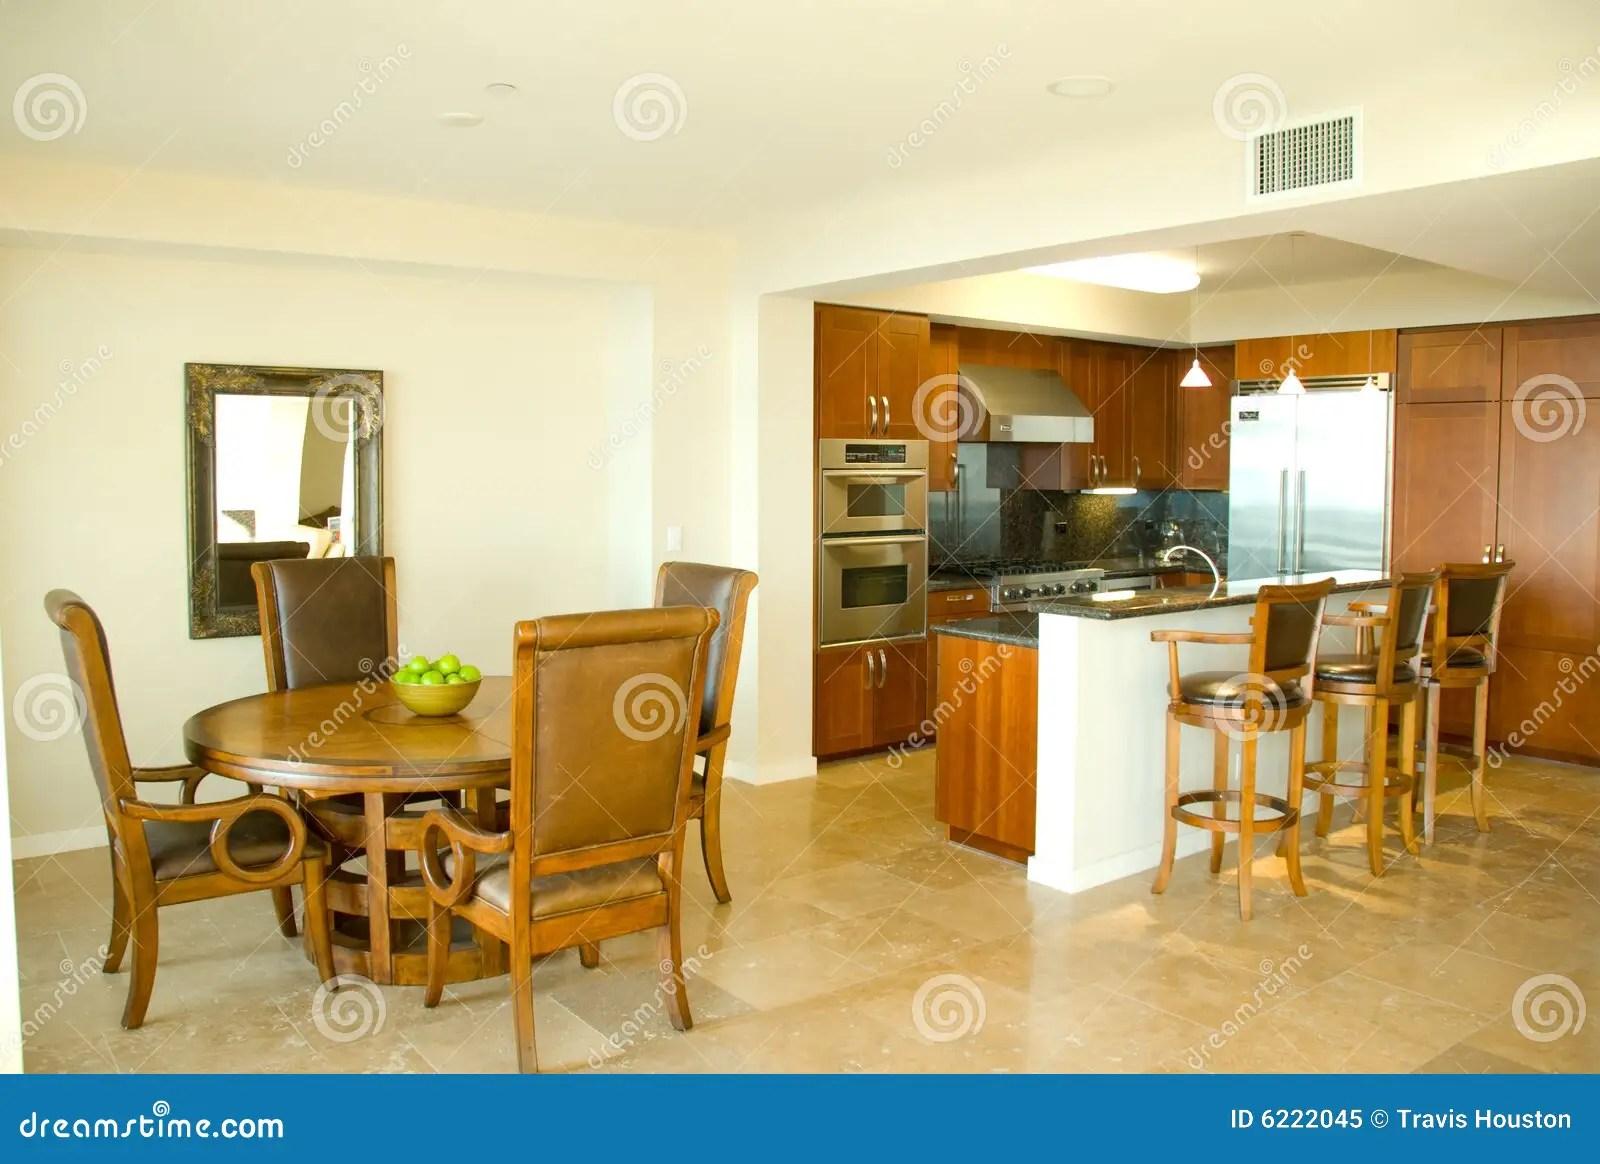 Cucina E Sala Da Pranzo Gastronomiche Del Progettista Immagine Stock  Immagine 6222045